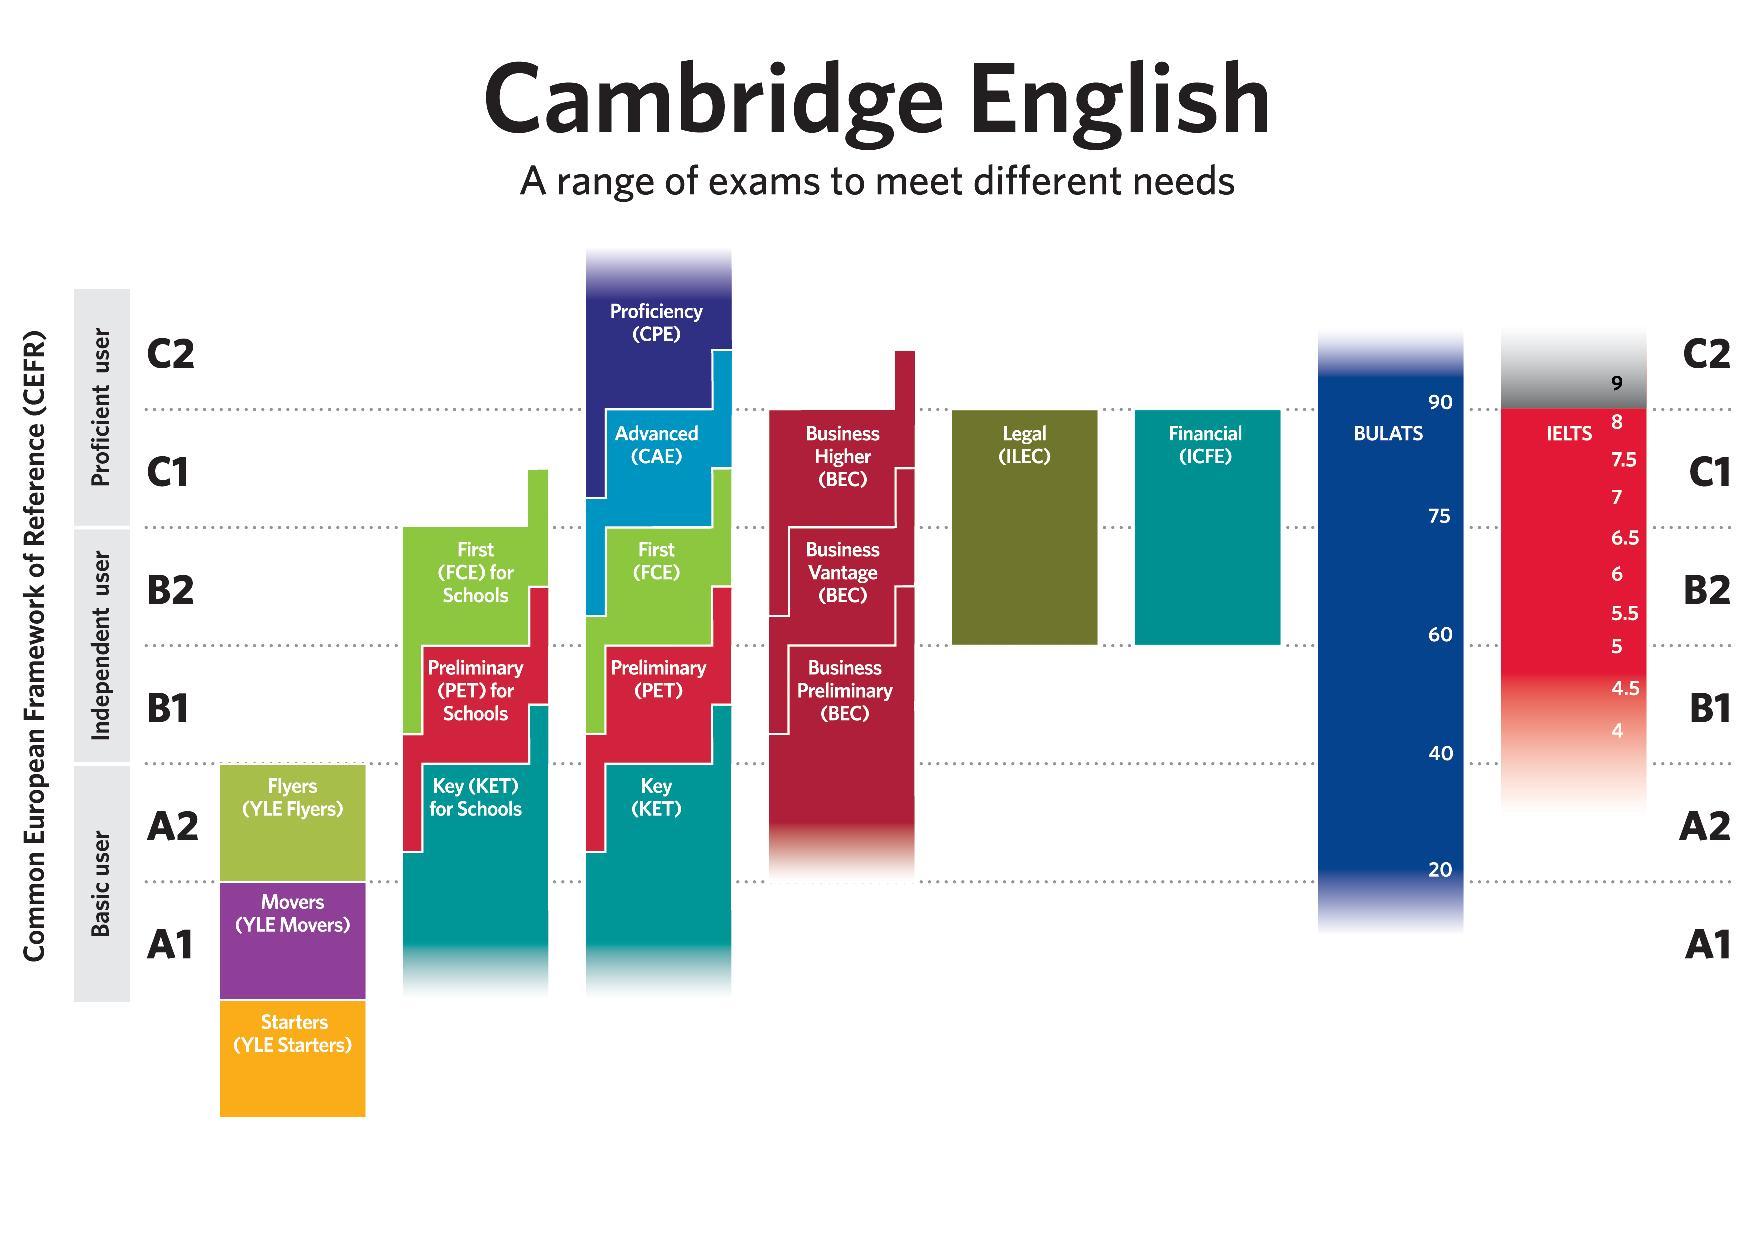 Khung quy chiếu trình độ ngôn ngữ châu Âu với các kỳ thi chứng chỉ tiếng Anh